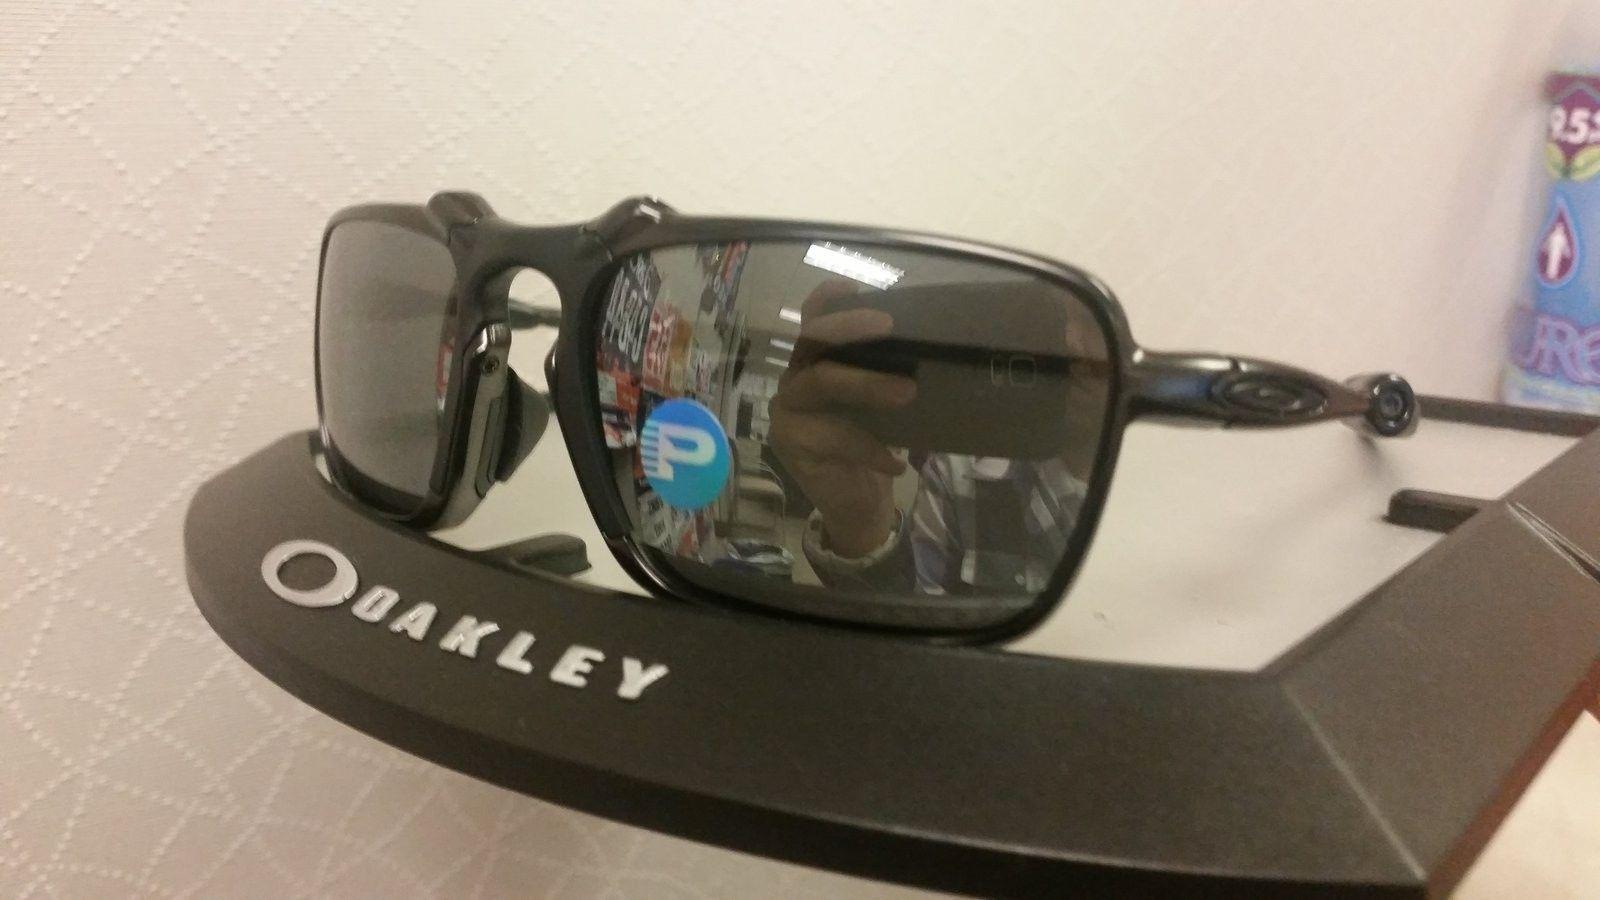 Few pairs for sale - uploadfromtaptalk1427984781371.jpg